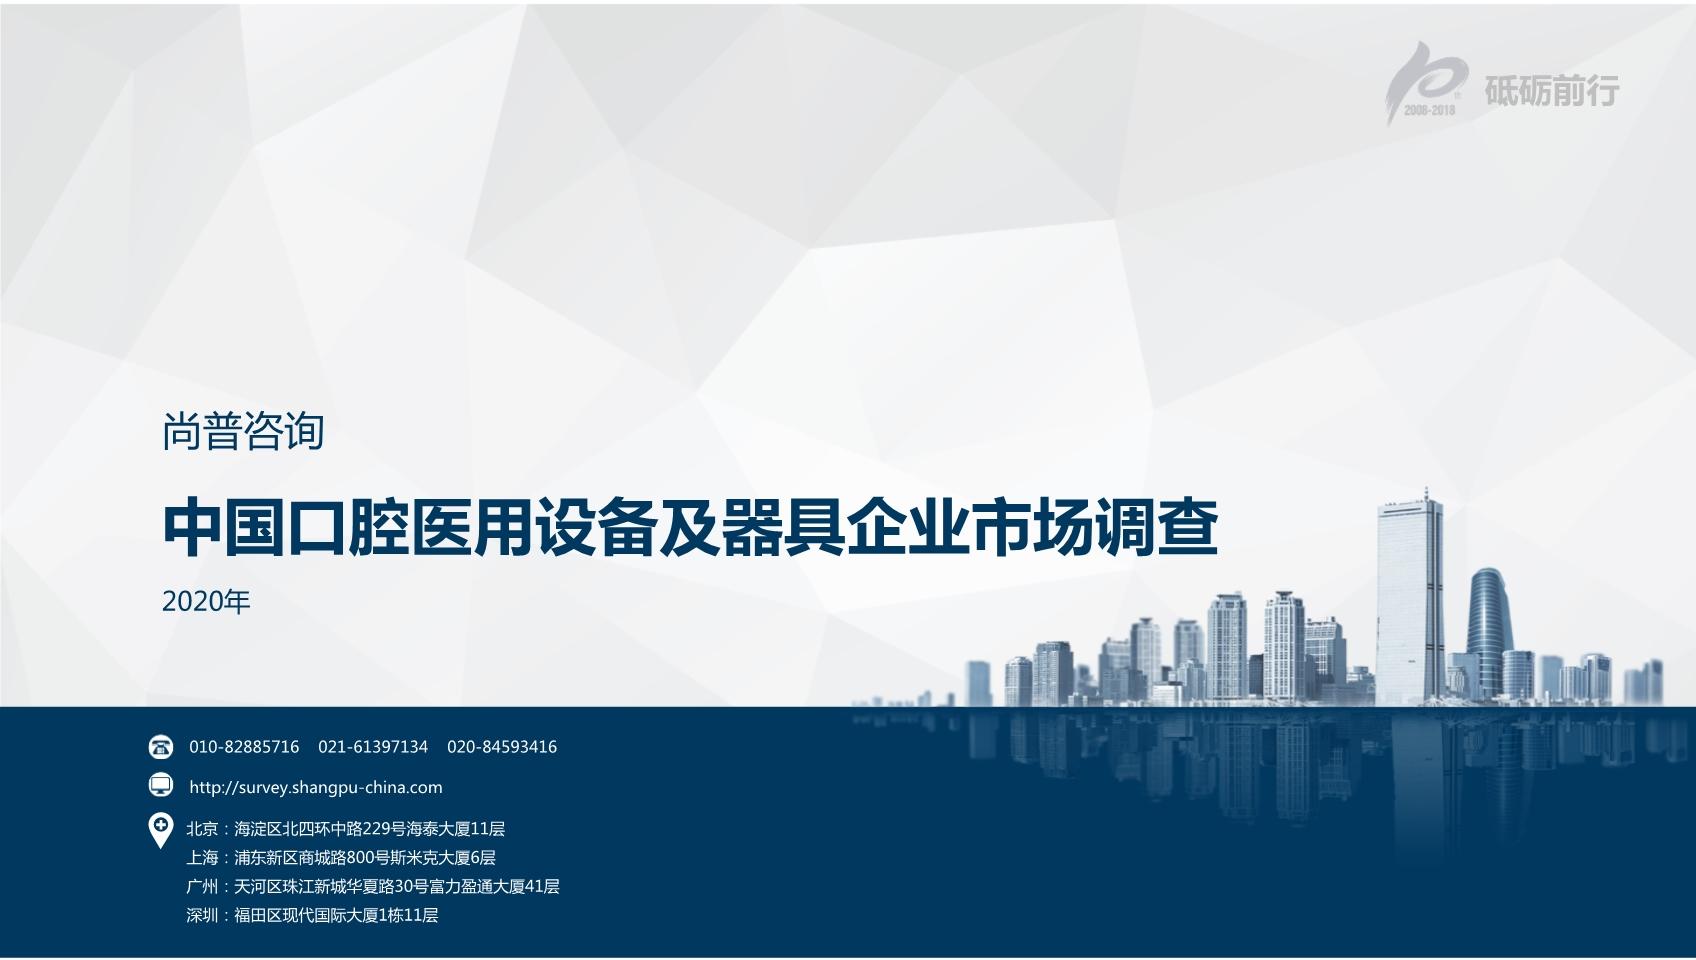 尚普咨询:2020年中国口腔医用设备及器具企业市场调查